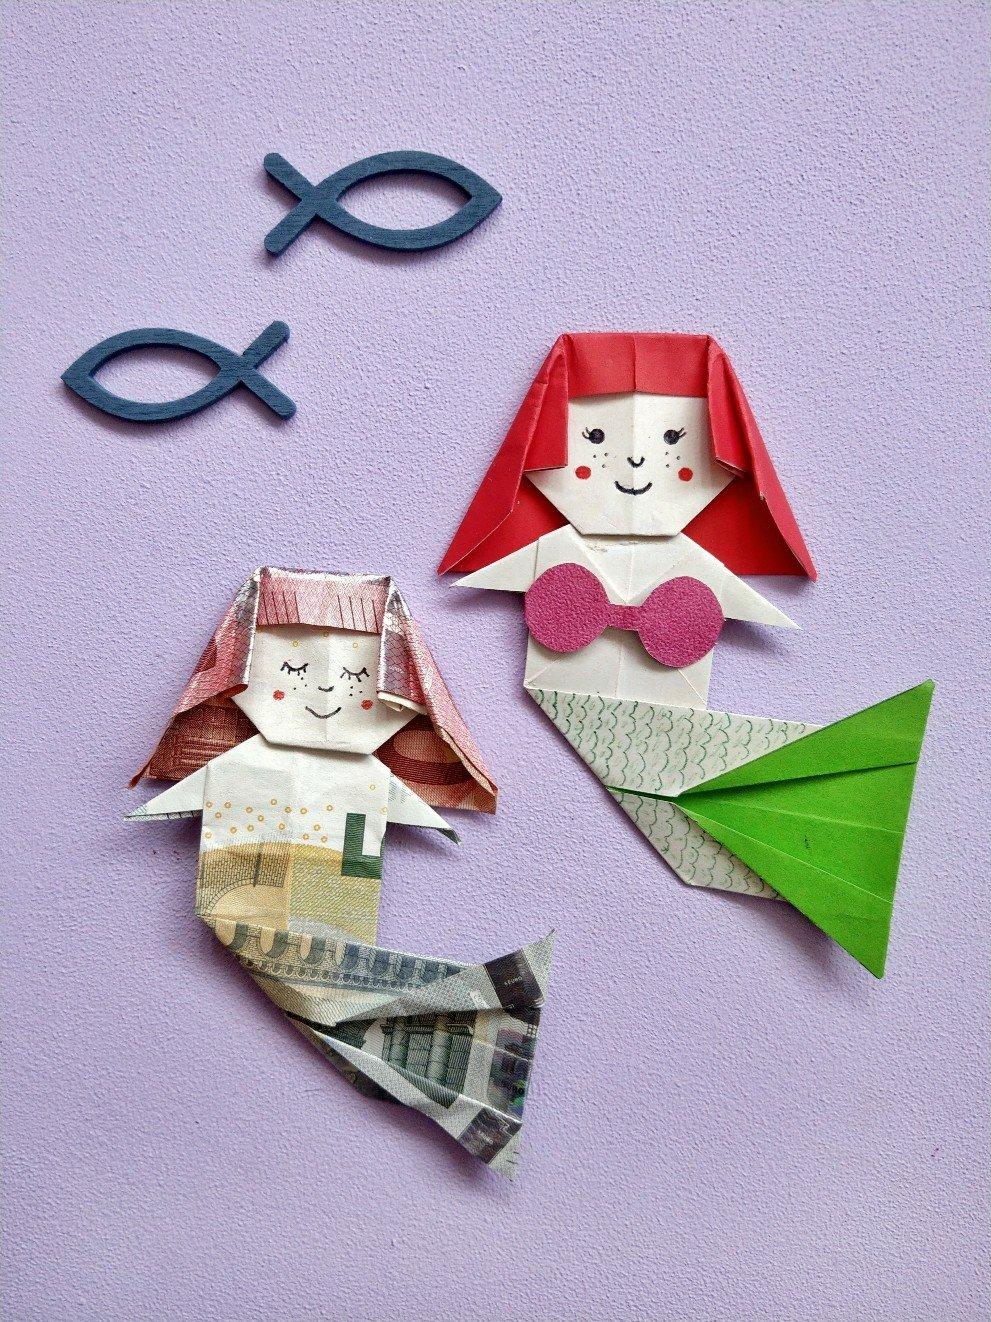 Hier zeige ich euch eine Origami Geldgeschenk Idee. Die Meerjungfrau lässt sich aus zwei Geldscheinen falten und kommt bei Kindern super an.